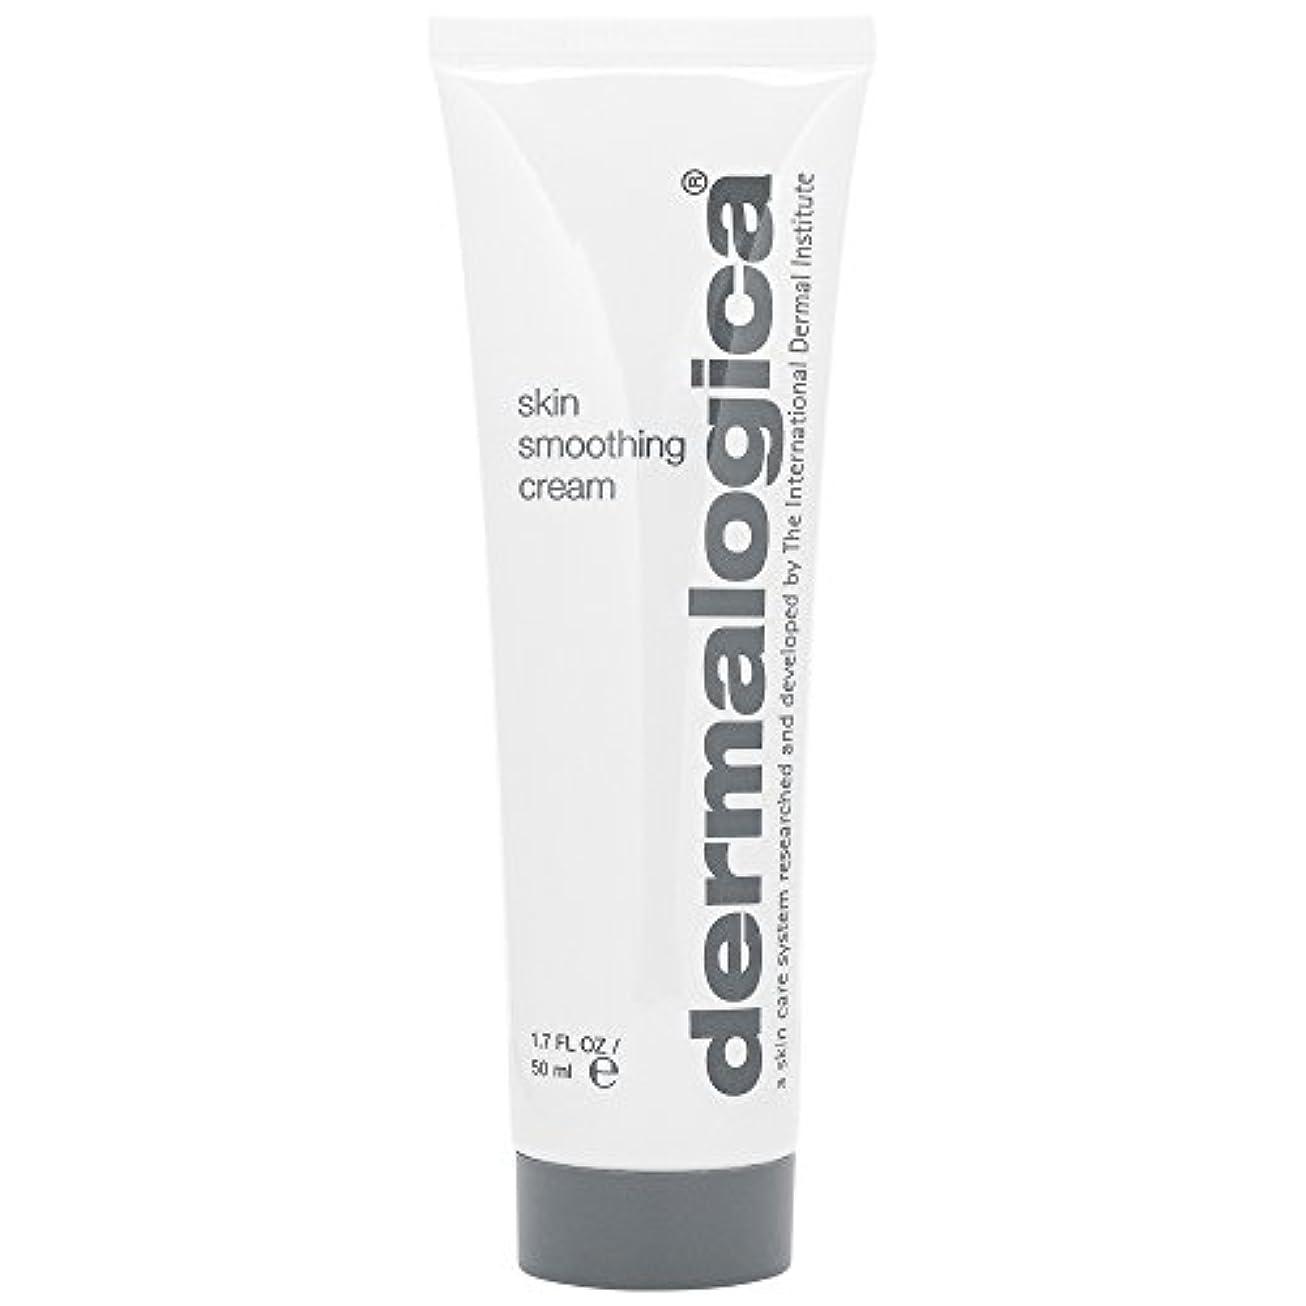 手配するスラダム小数ダーマロジカスキンスムージングクリーム50ミリリットル (Dermalogica) (x2) - Dermalogica Skin Smoothing Cream 50ml (Pack of 2) [並行輸入品]